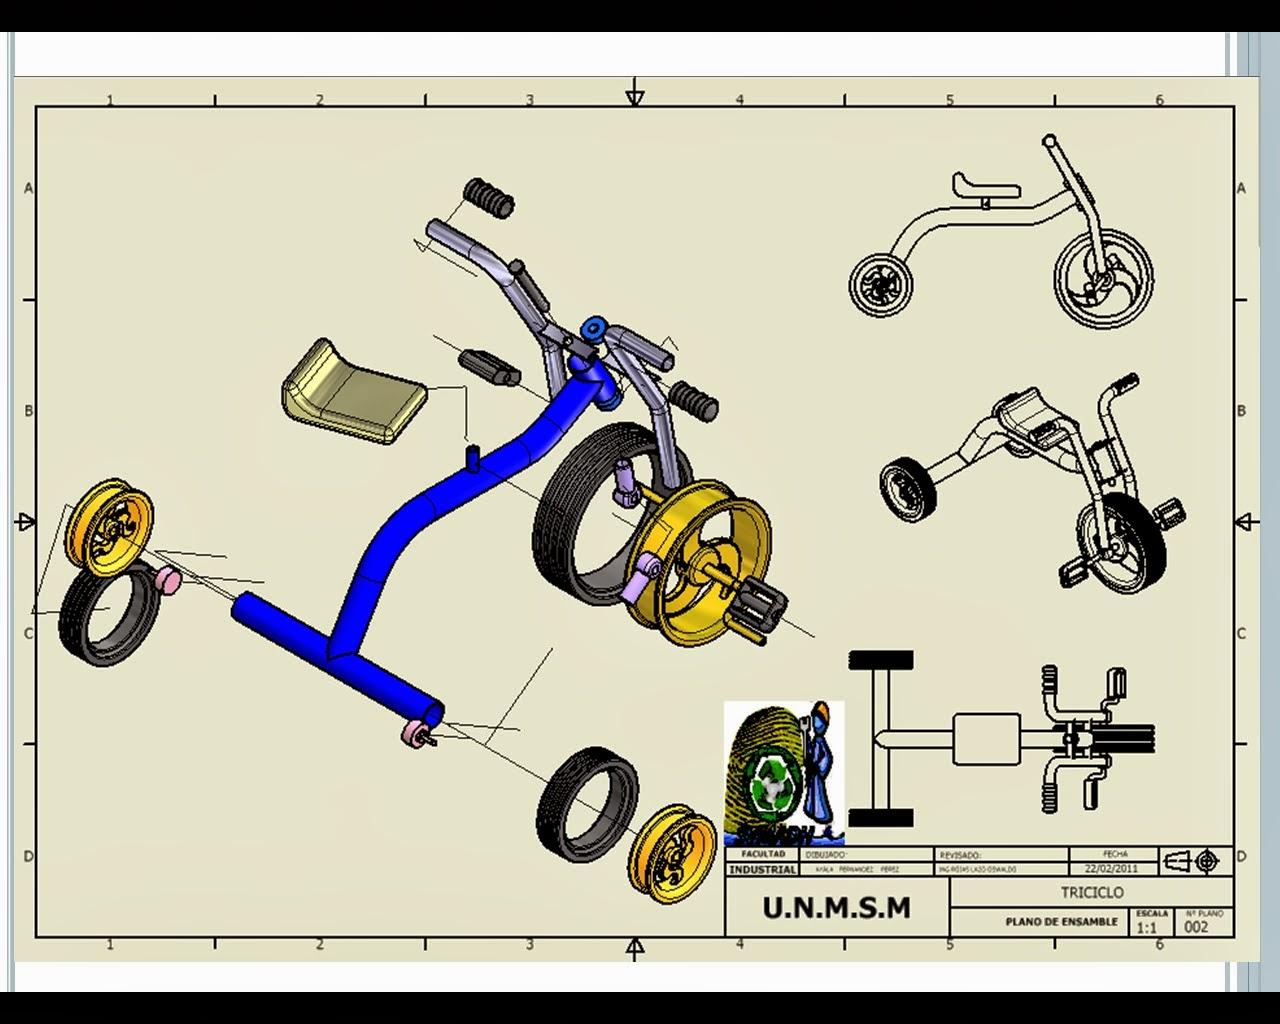 Triciclo infantil piezas esnamble explosi n y planos en for Paginas para crear planos